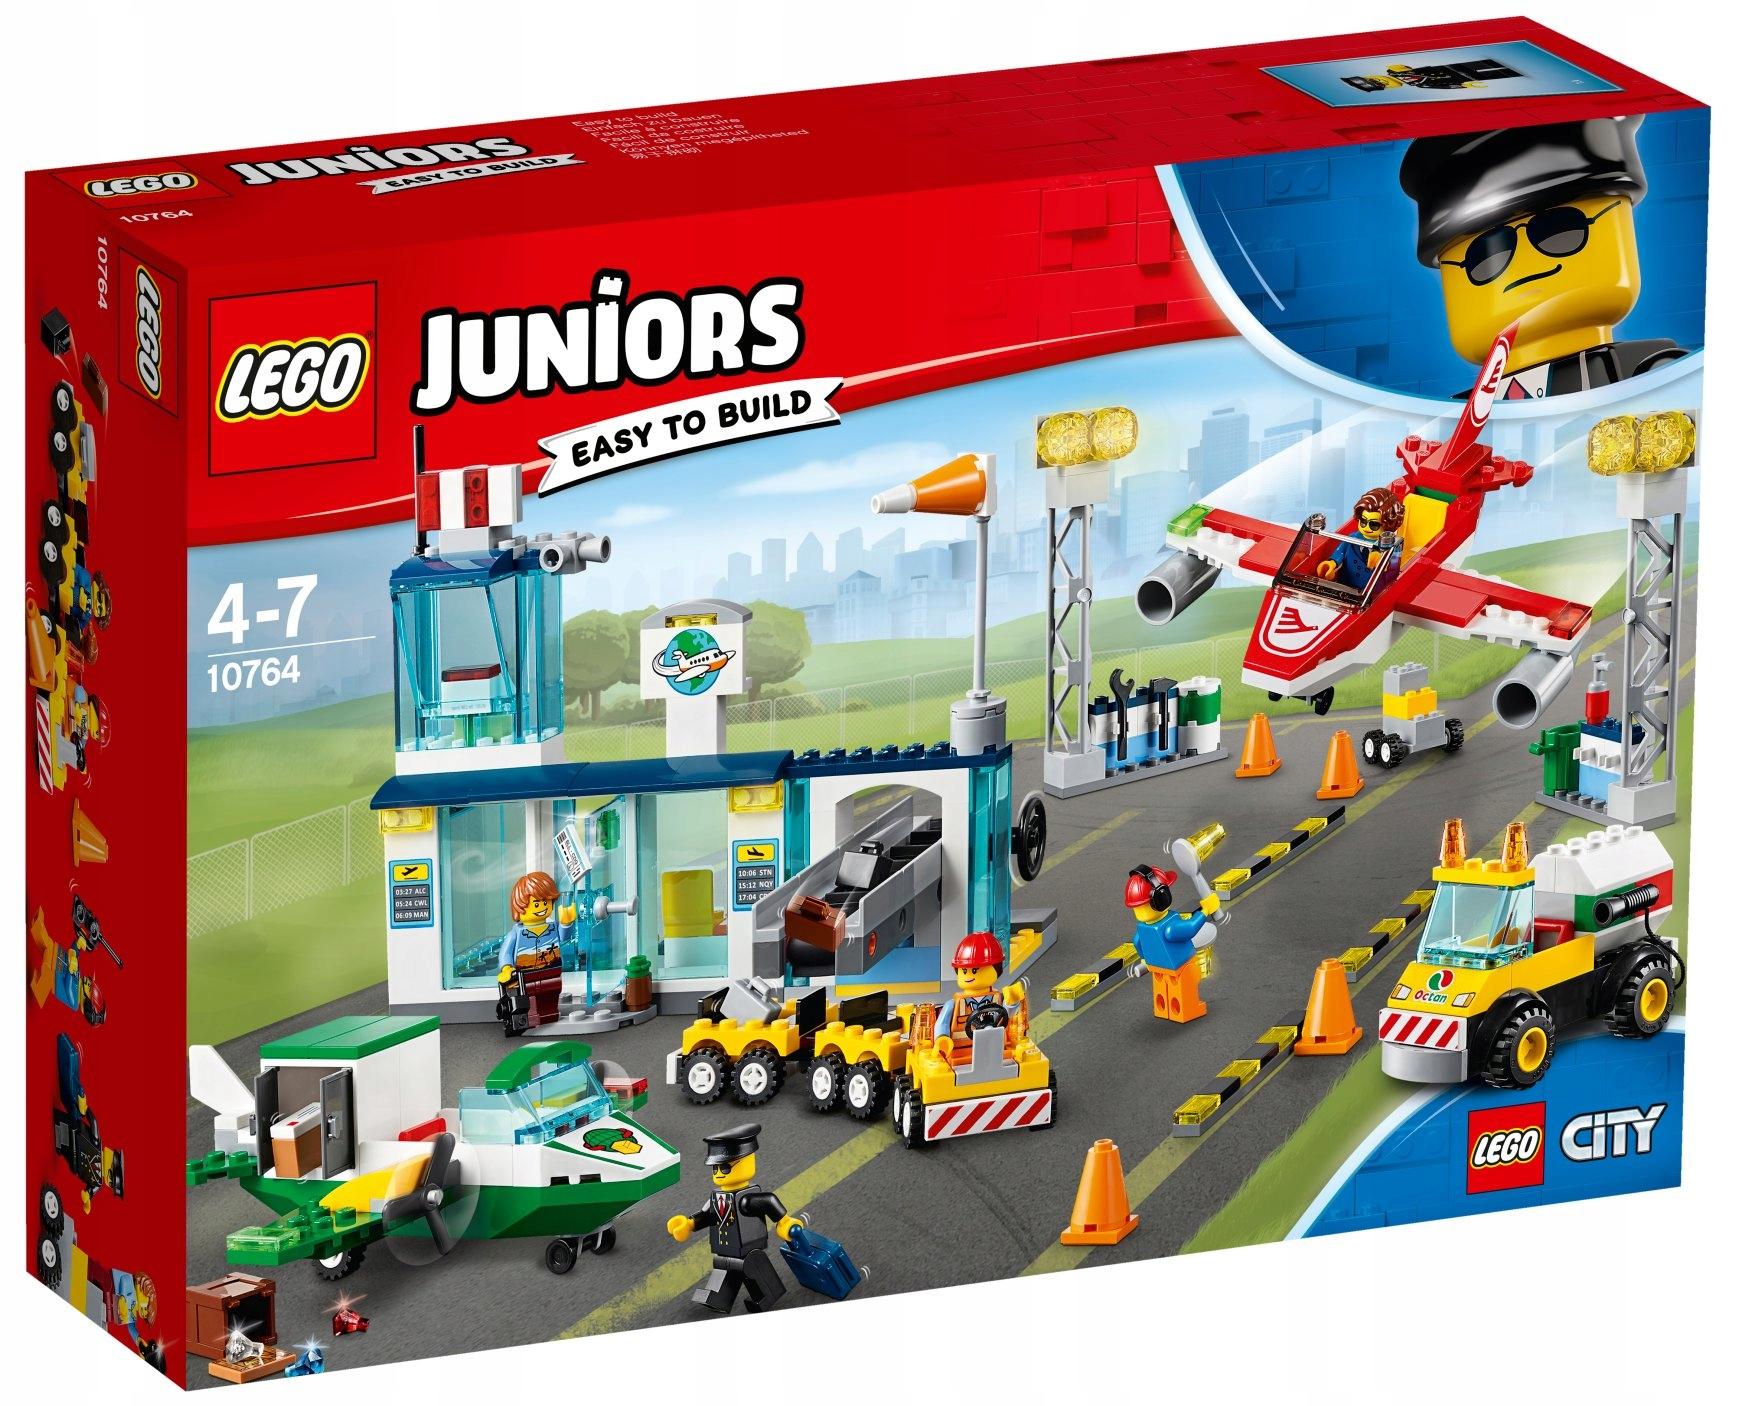 Lego Juniors City 10764 Lotnisko Sklep Wrocław 7369749758